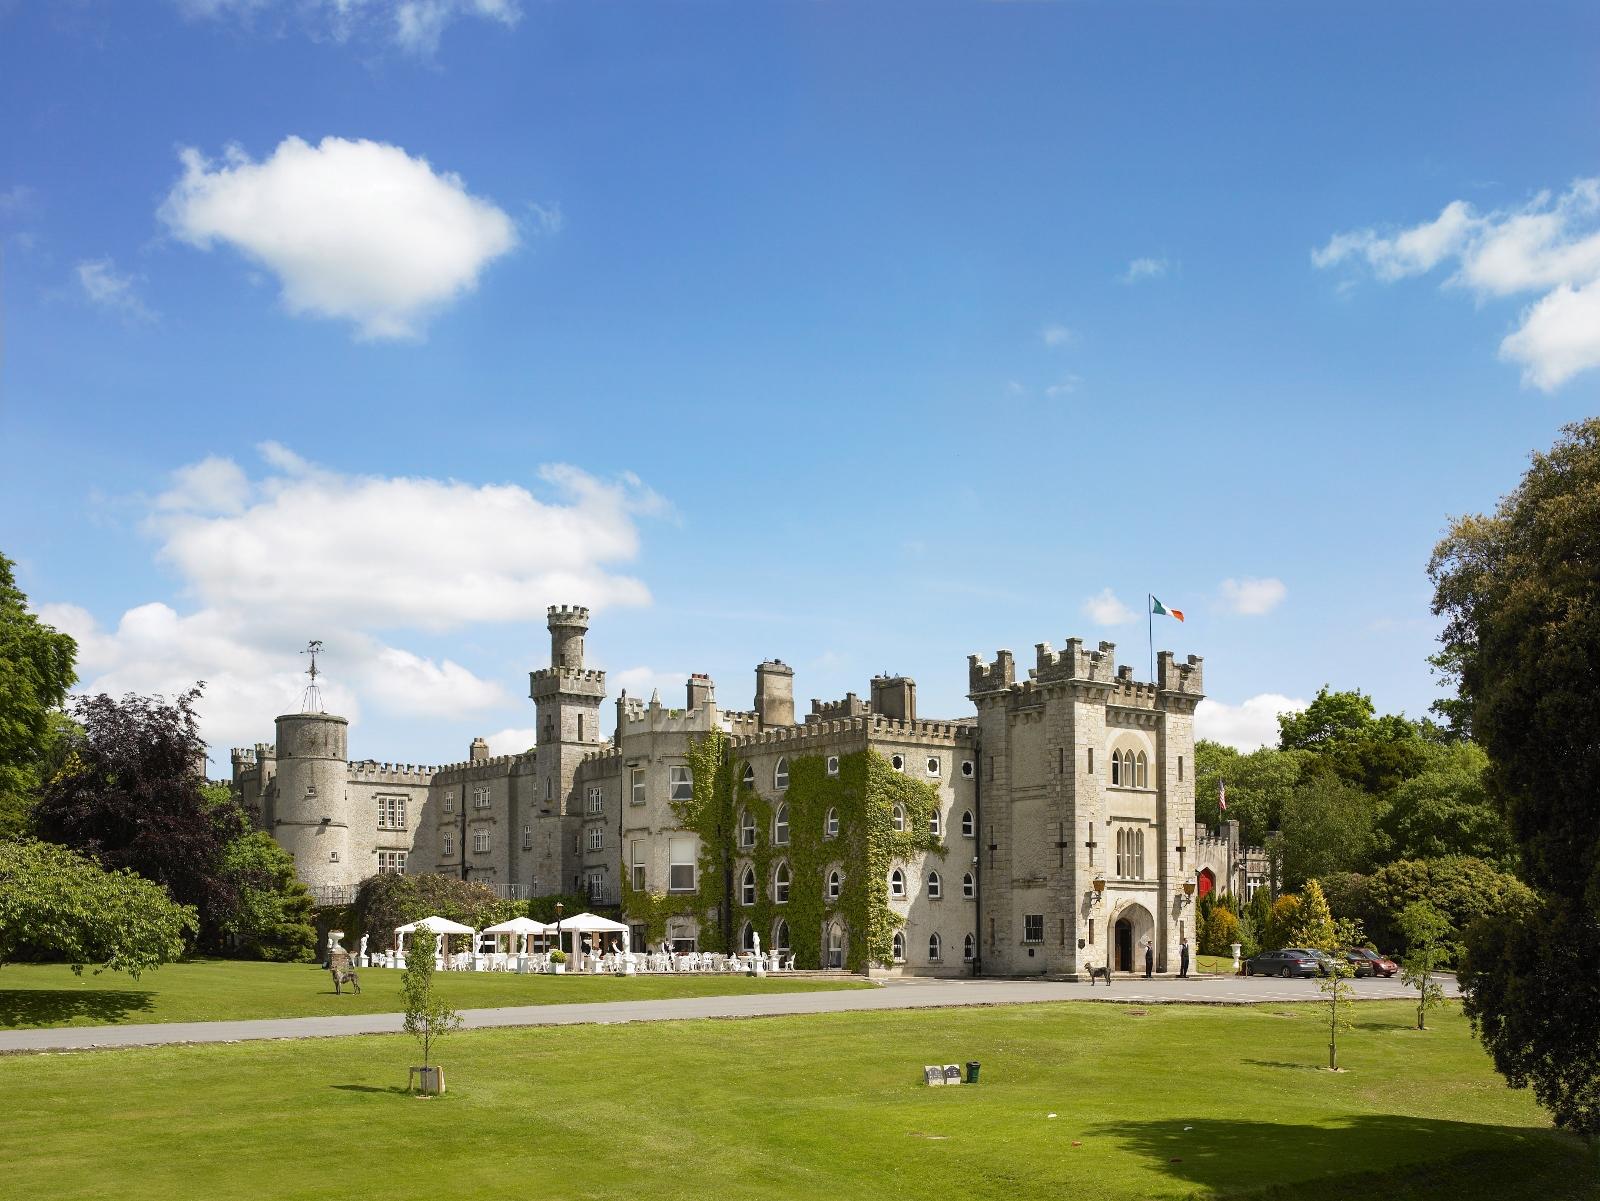 Cabra Castle in County Cavan.